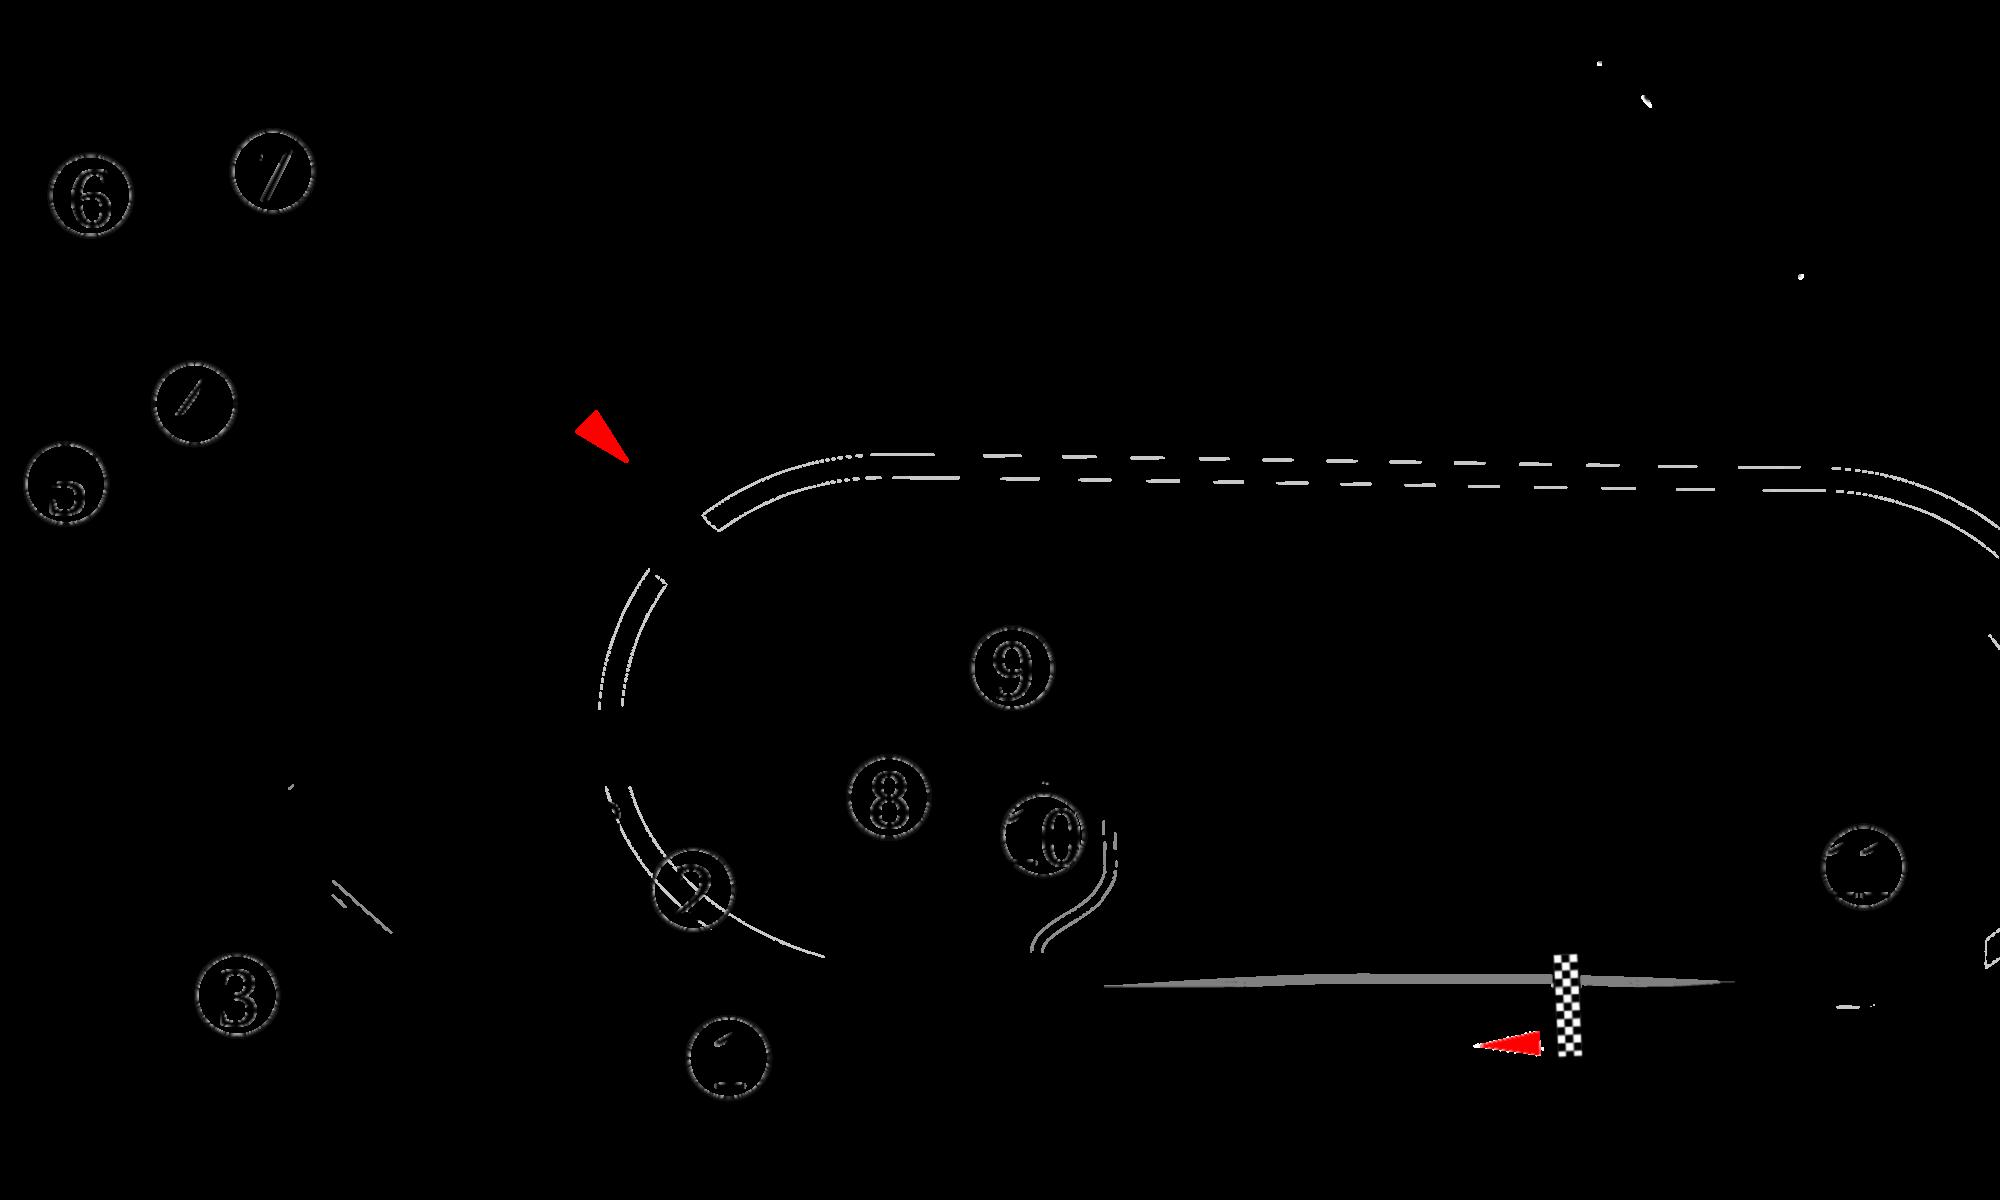 [#Previa] GP Italia 2015 F1-circuito-monza-diagrama